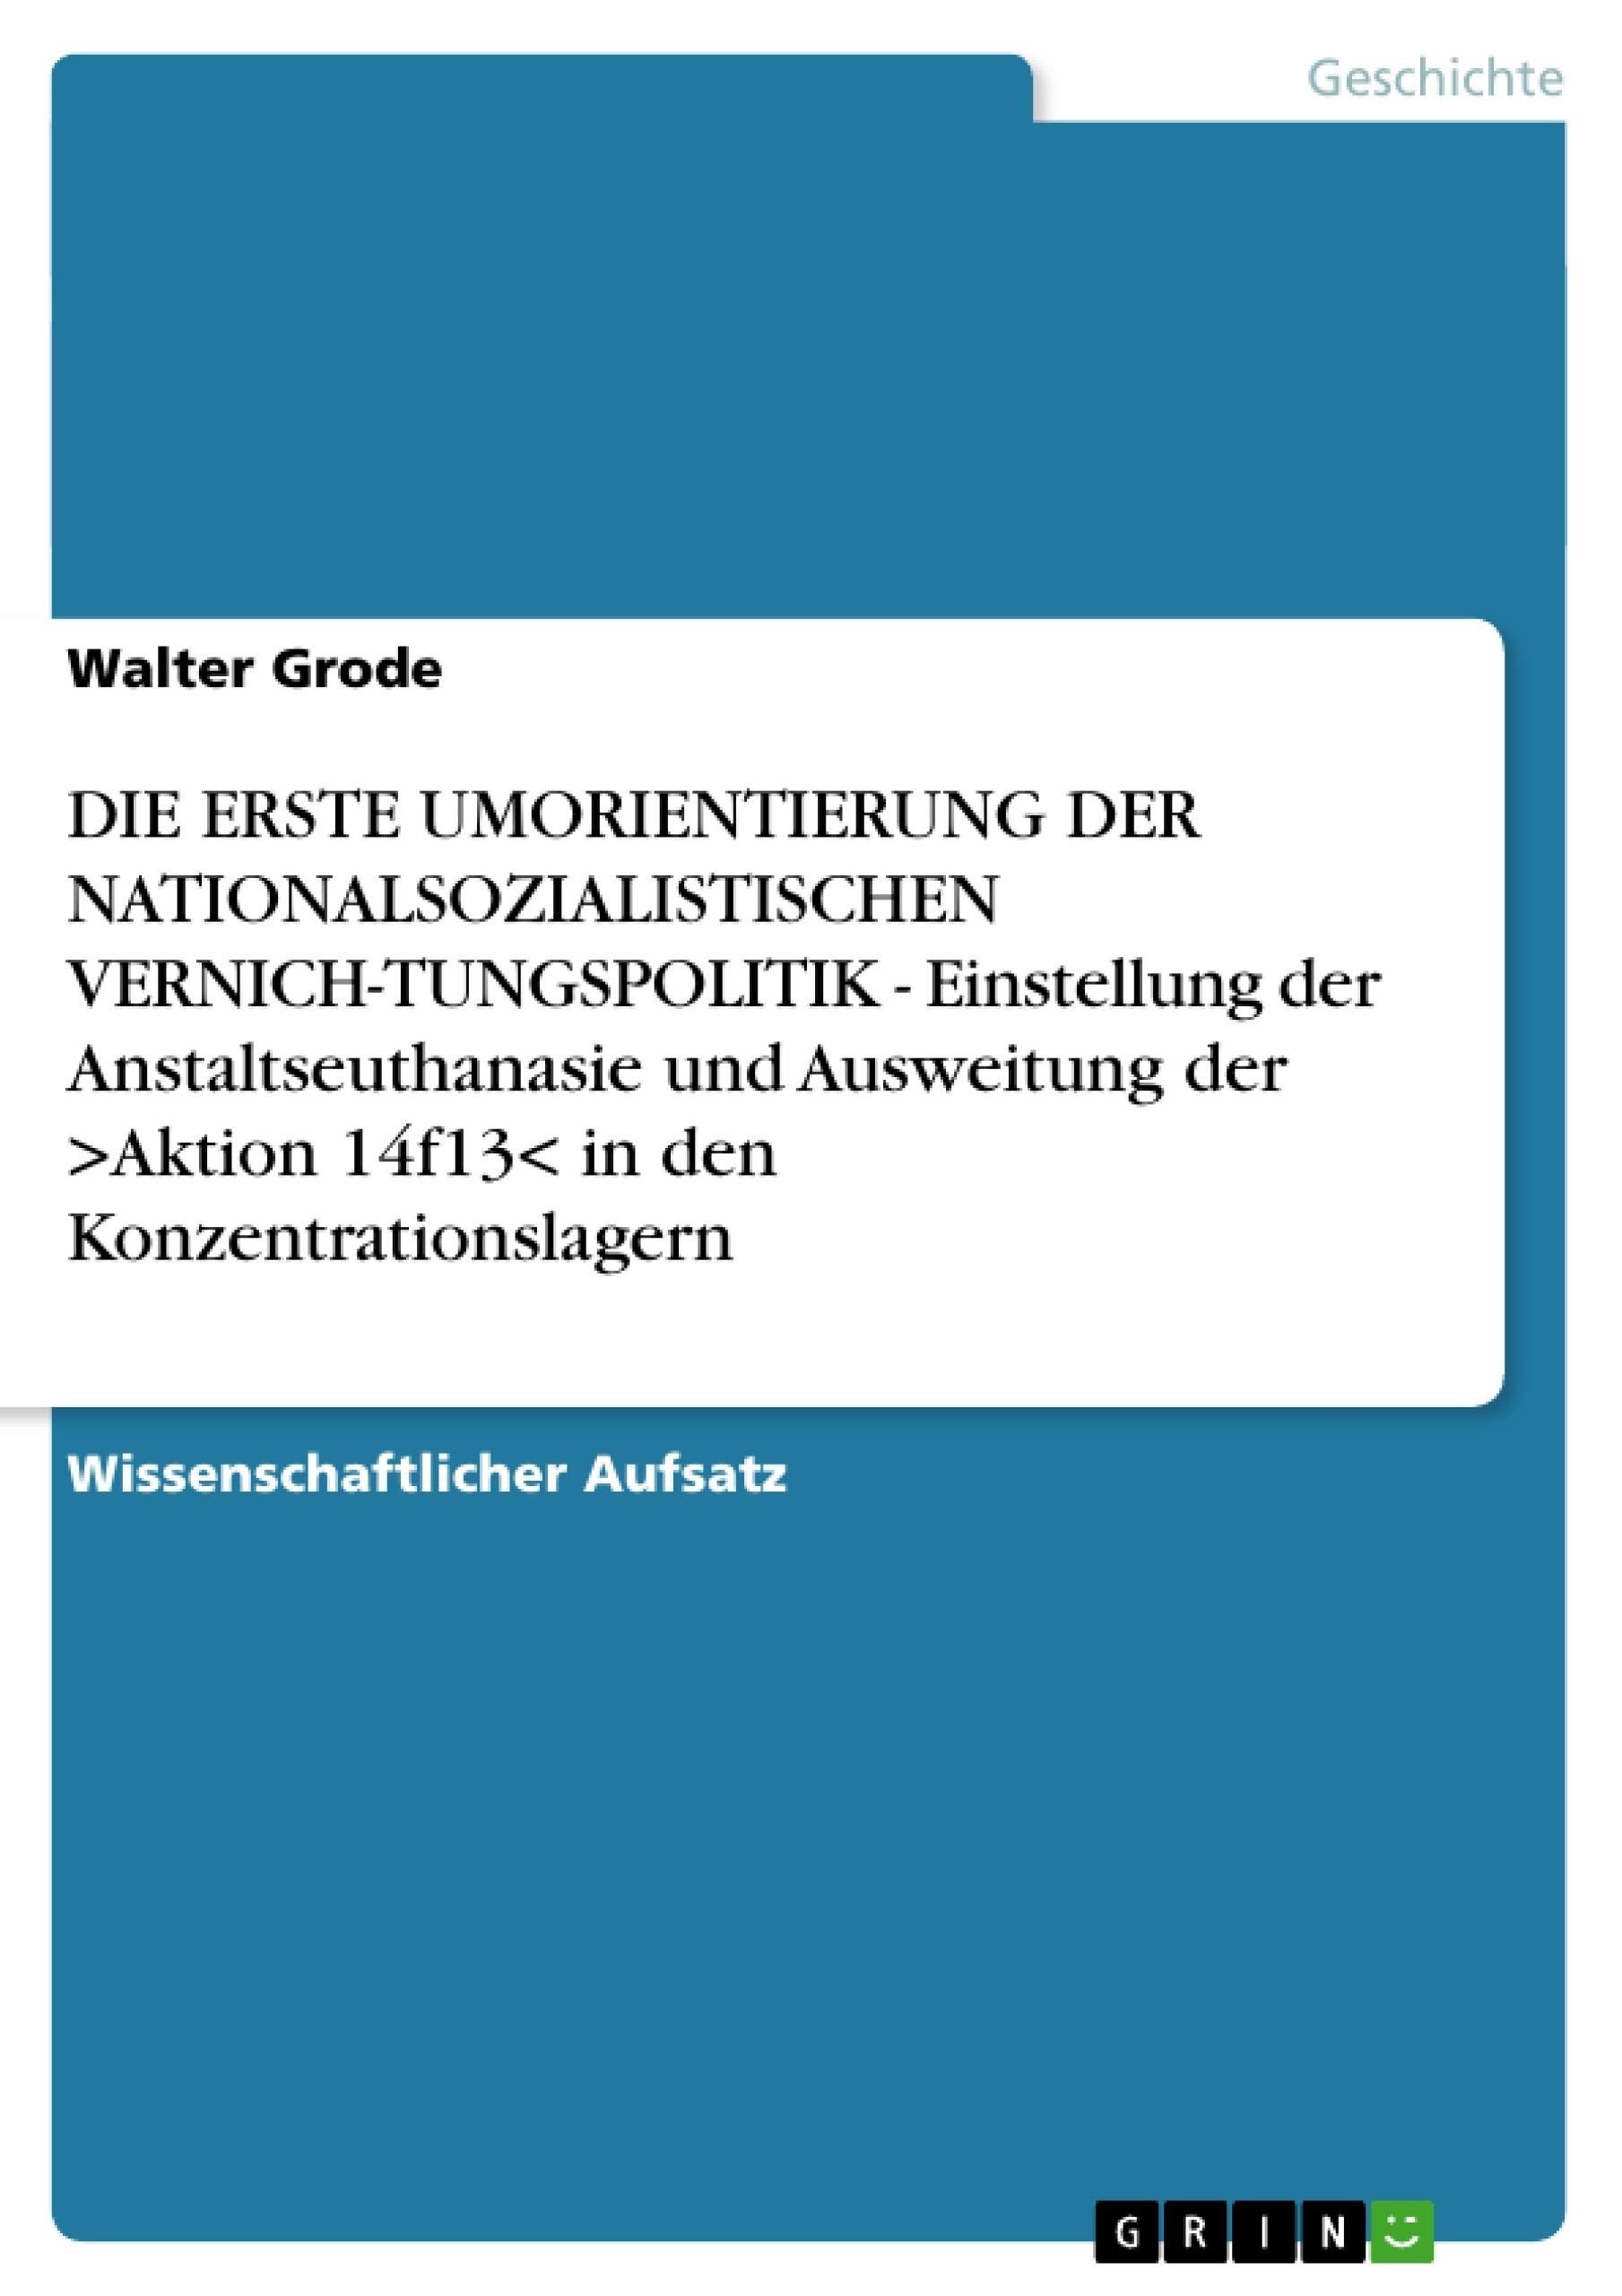 Titel: DIE ERSTE UMORIENTIERUNG DER NATIONALSOZIALISTISCHEN VERNICH-TUNGSPOLITIK - Einstellung der Anstaltseuthanasie und Ausweitung der >Aktion 14f13< in den Konzentrationslagern